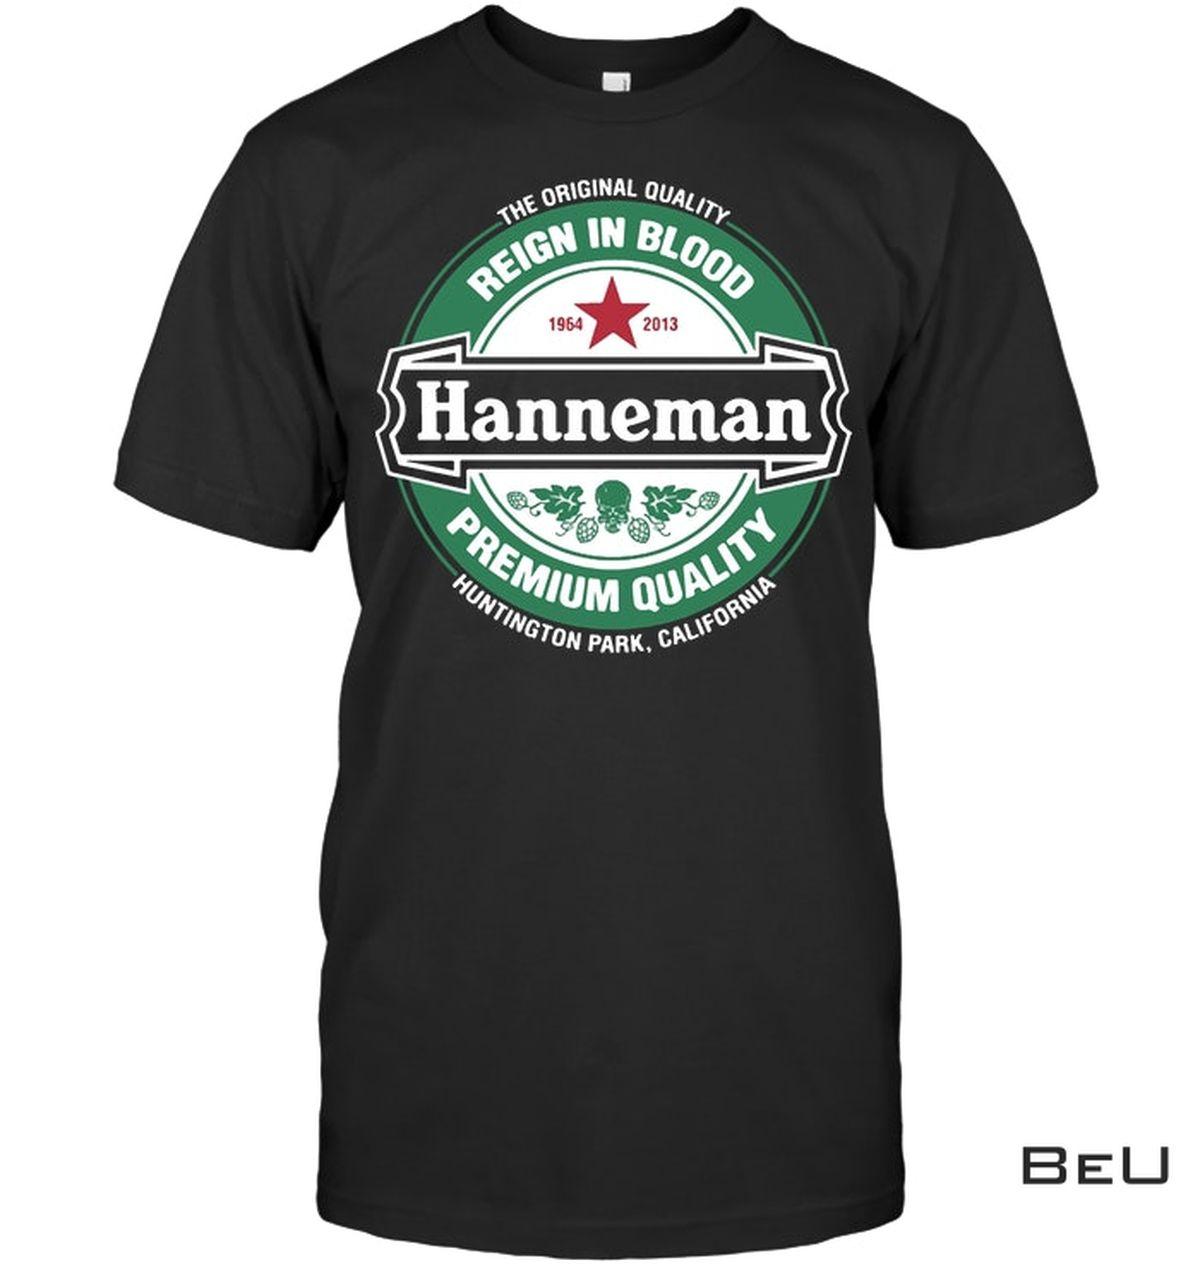 Hanneman Reign In Blood Premium Quality Shirt